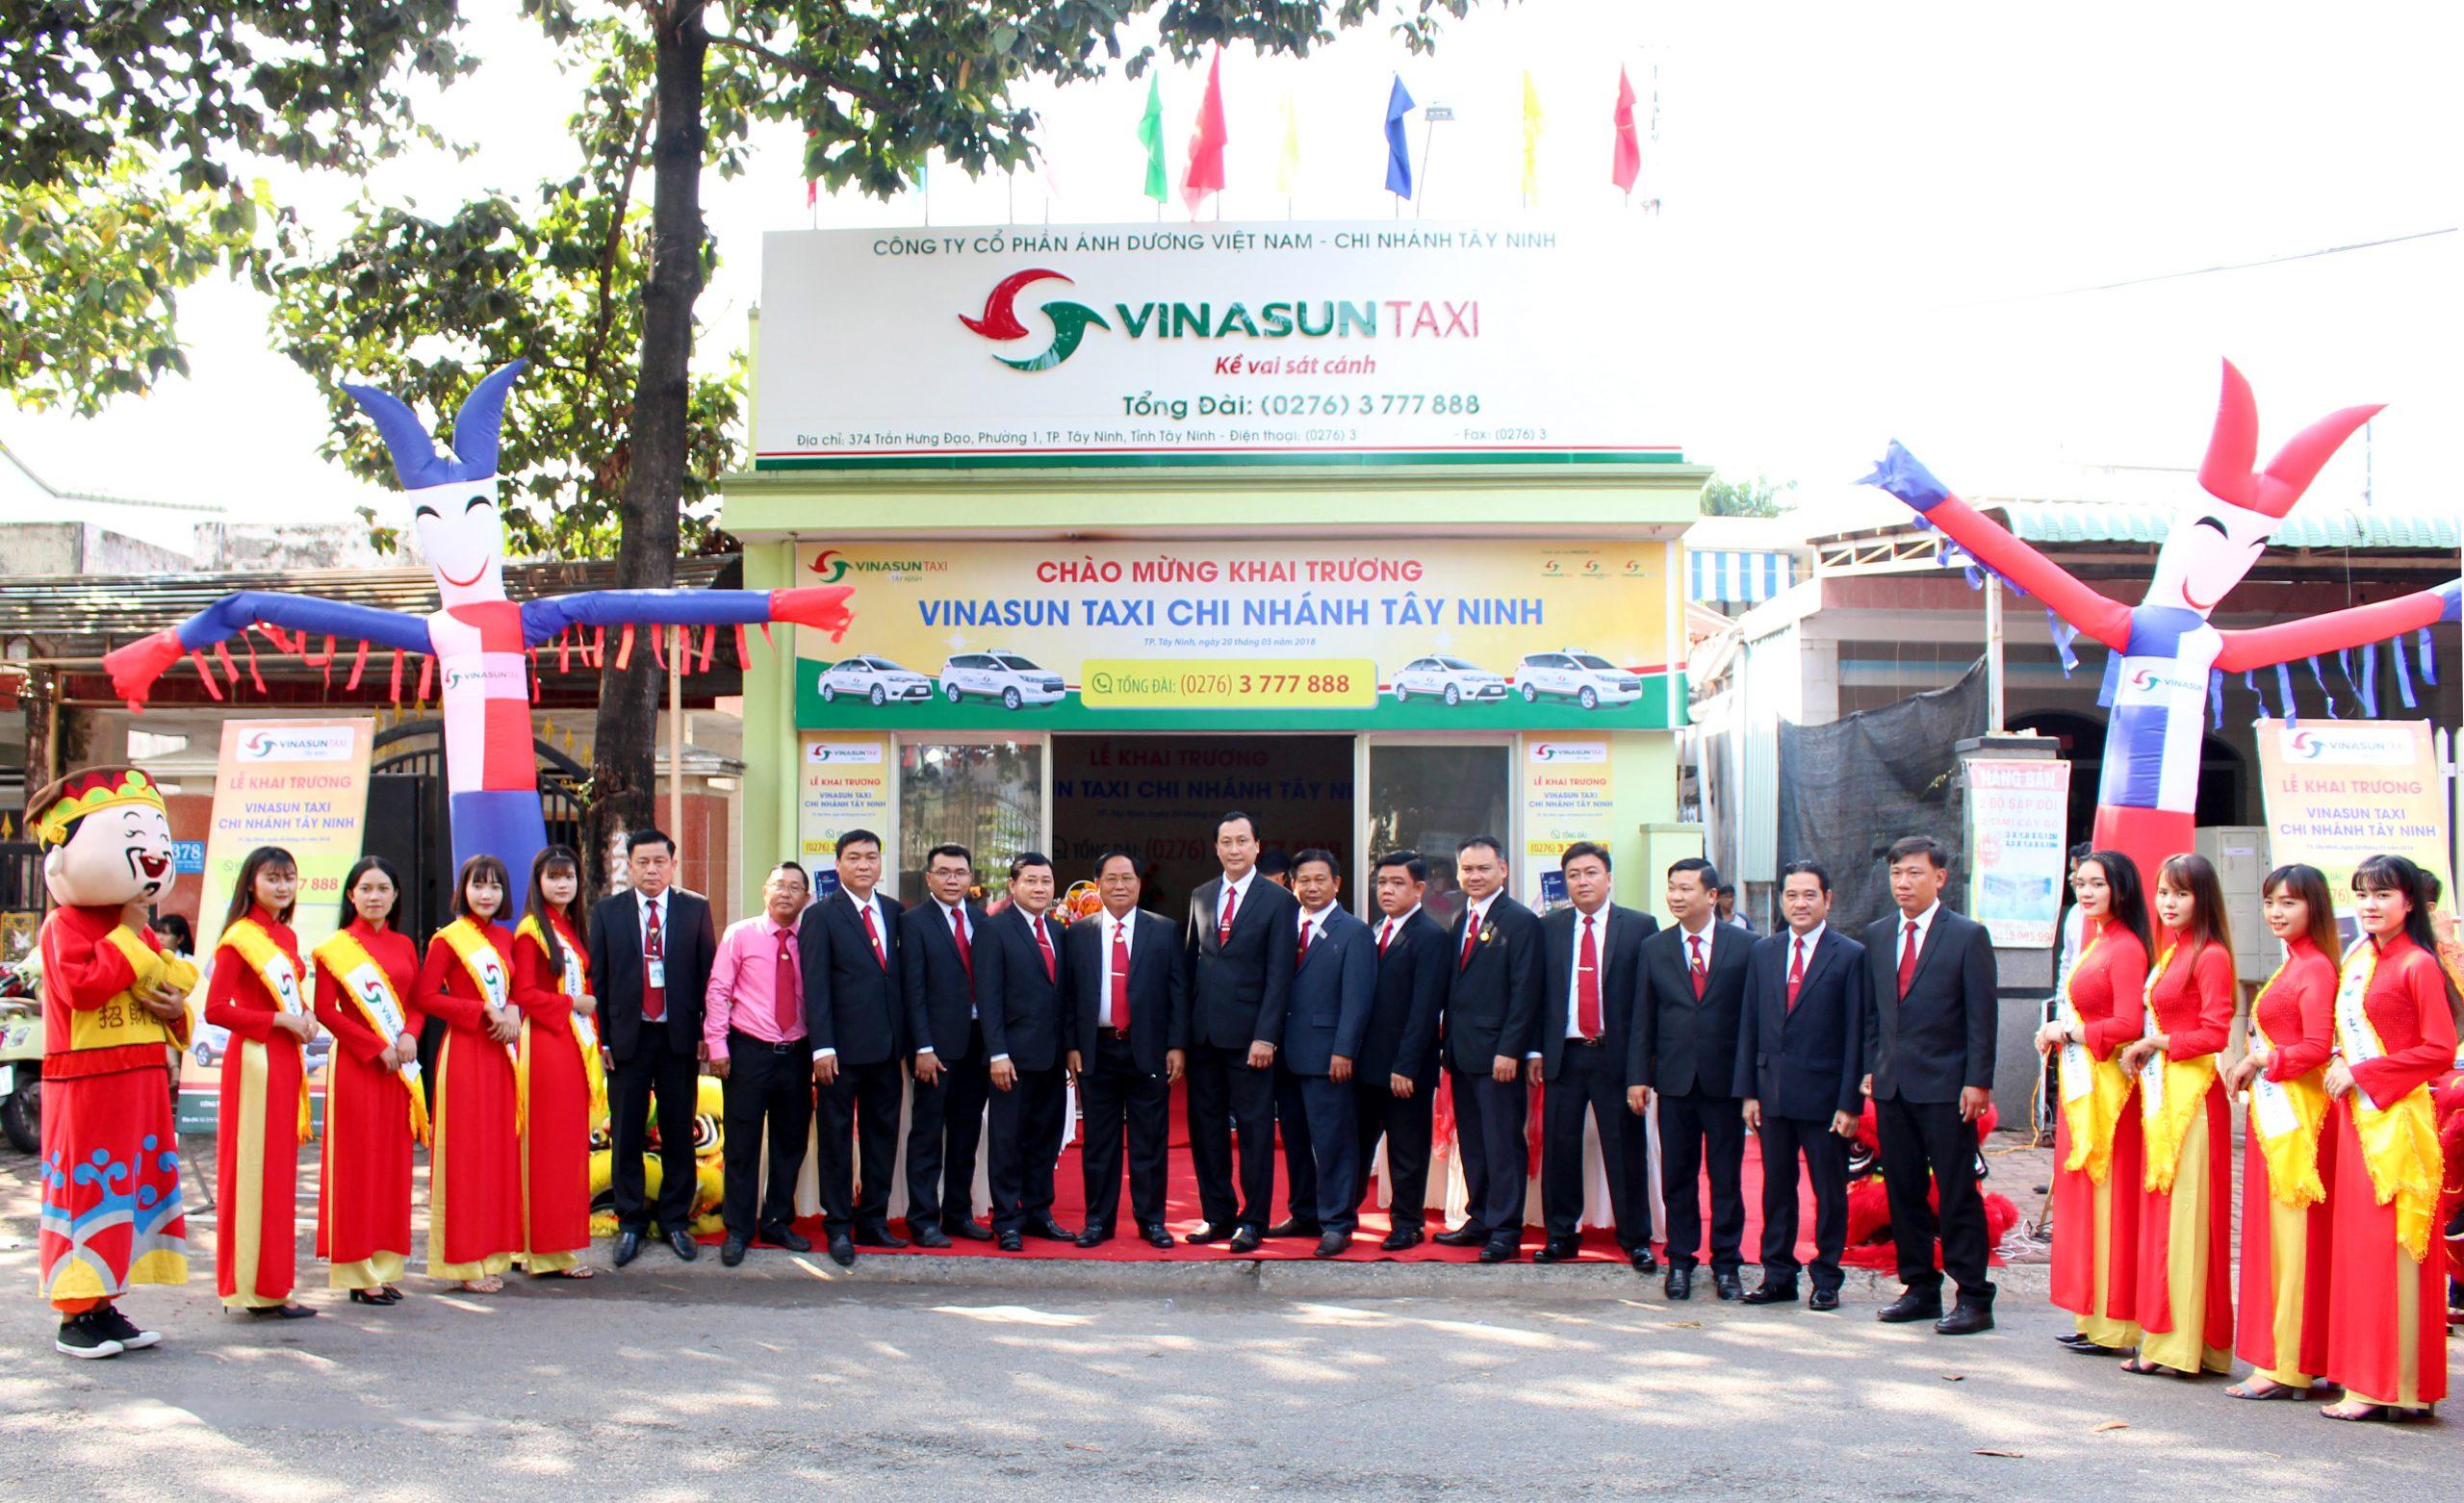 VinaSun Taxi chi nhánh Tây Ninh được khai trương thời gian gần đây